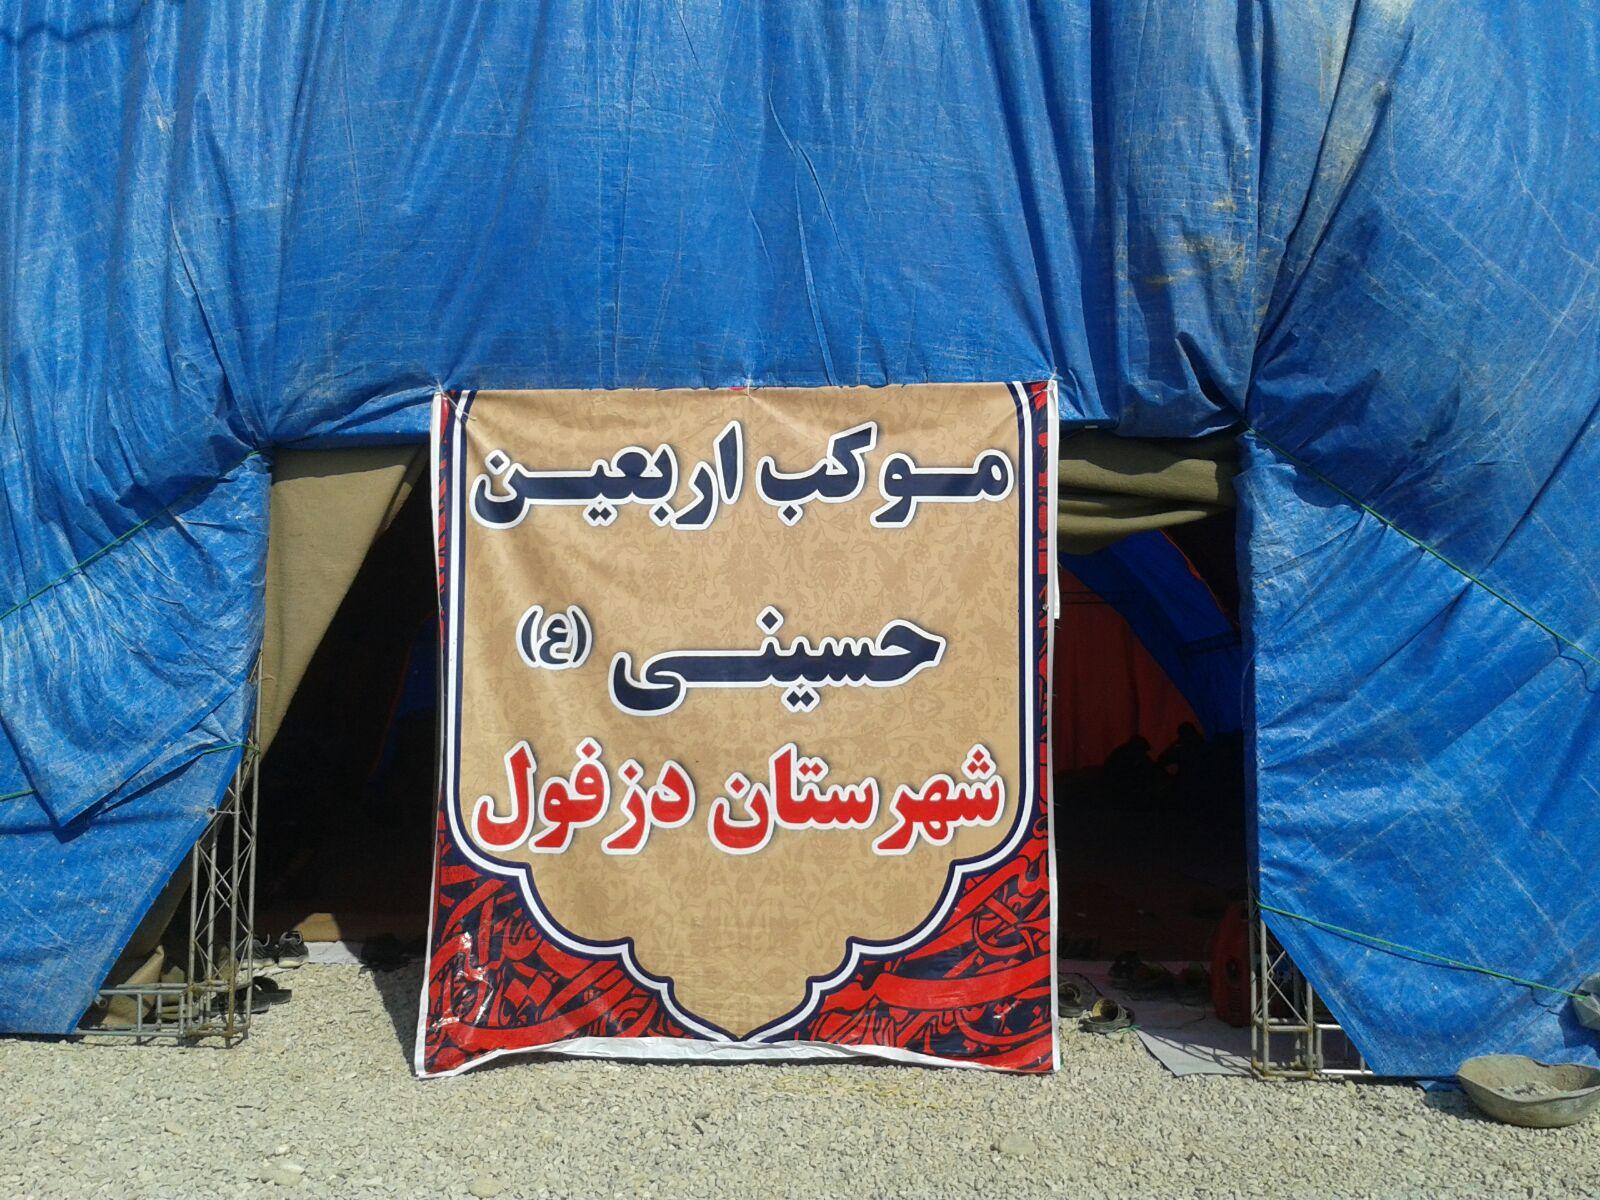 موکب مردمی اربعین حسینی شهرستان دزفول در نقطه صفر مرزی چذابه